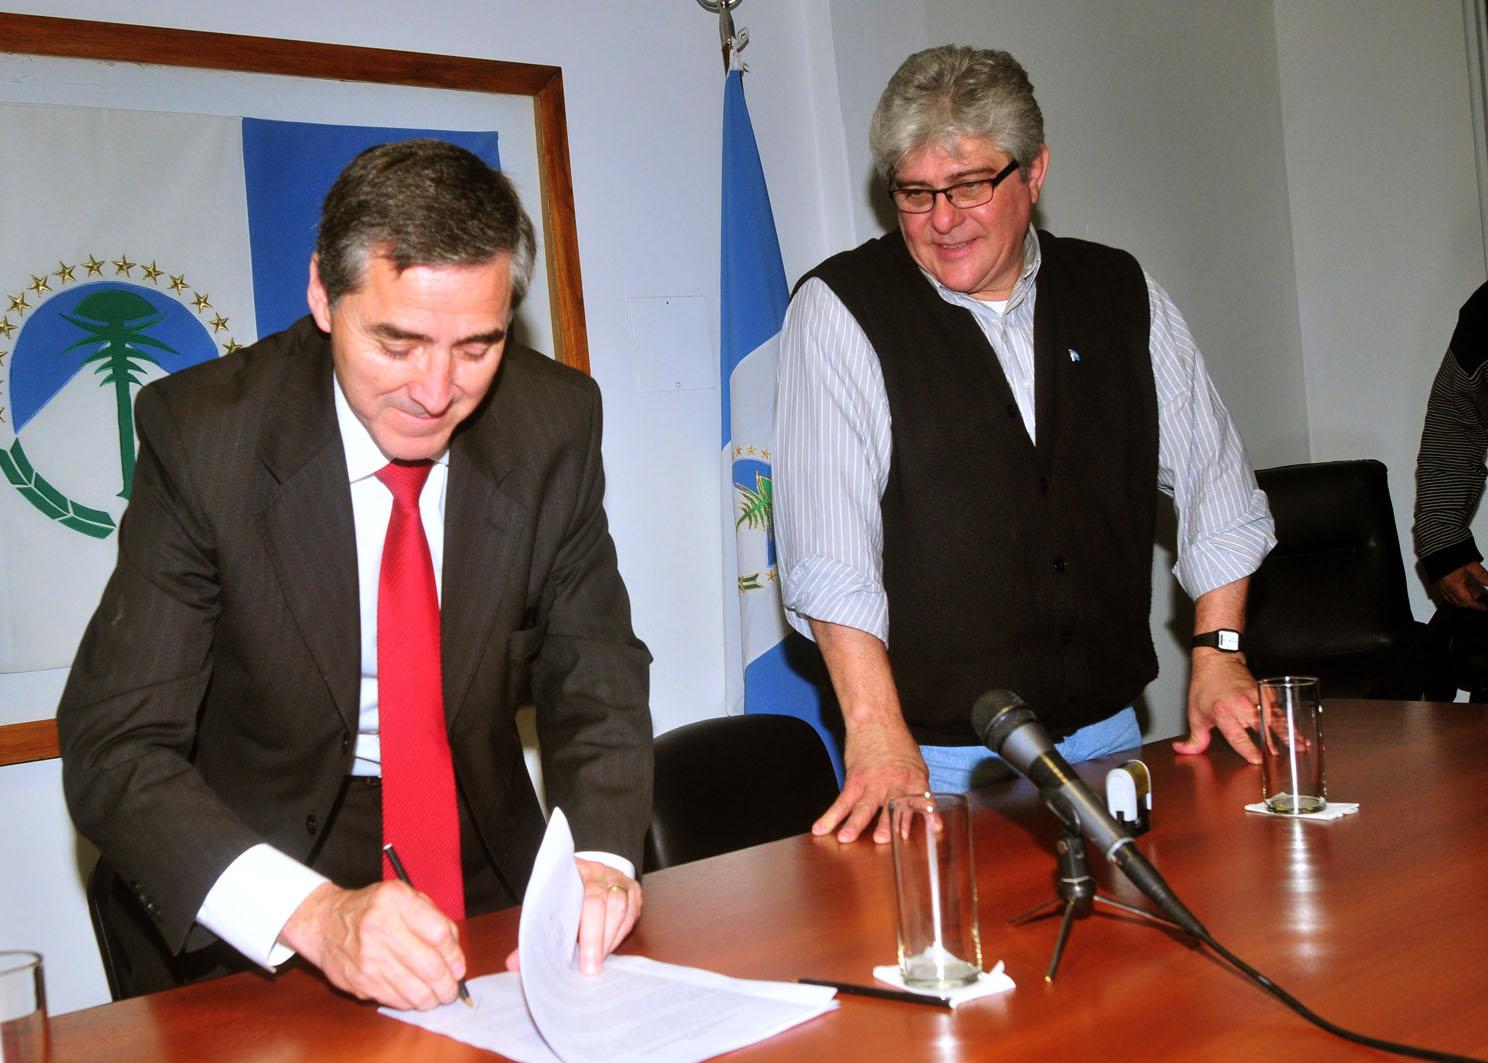 Sergio Rodríguez, Secretario General del CEC Neuquén, junto a Ernesto Seguel, Subsecretario de Trabajo de la provincia de Neuquén, durante la firma del acta acuerdo por el el día del empleado mercantil.